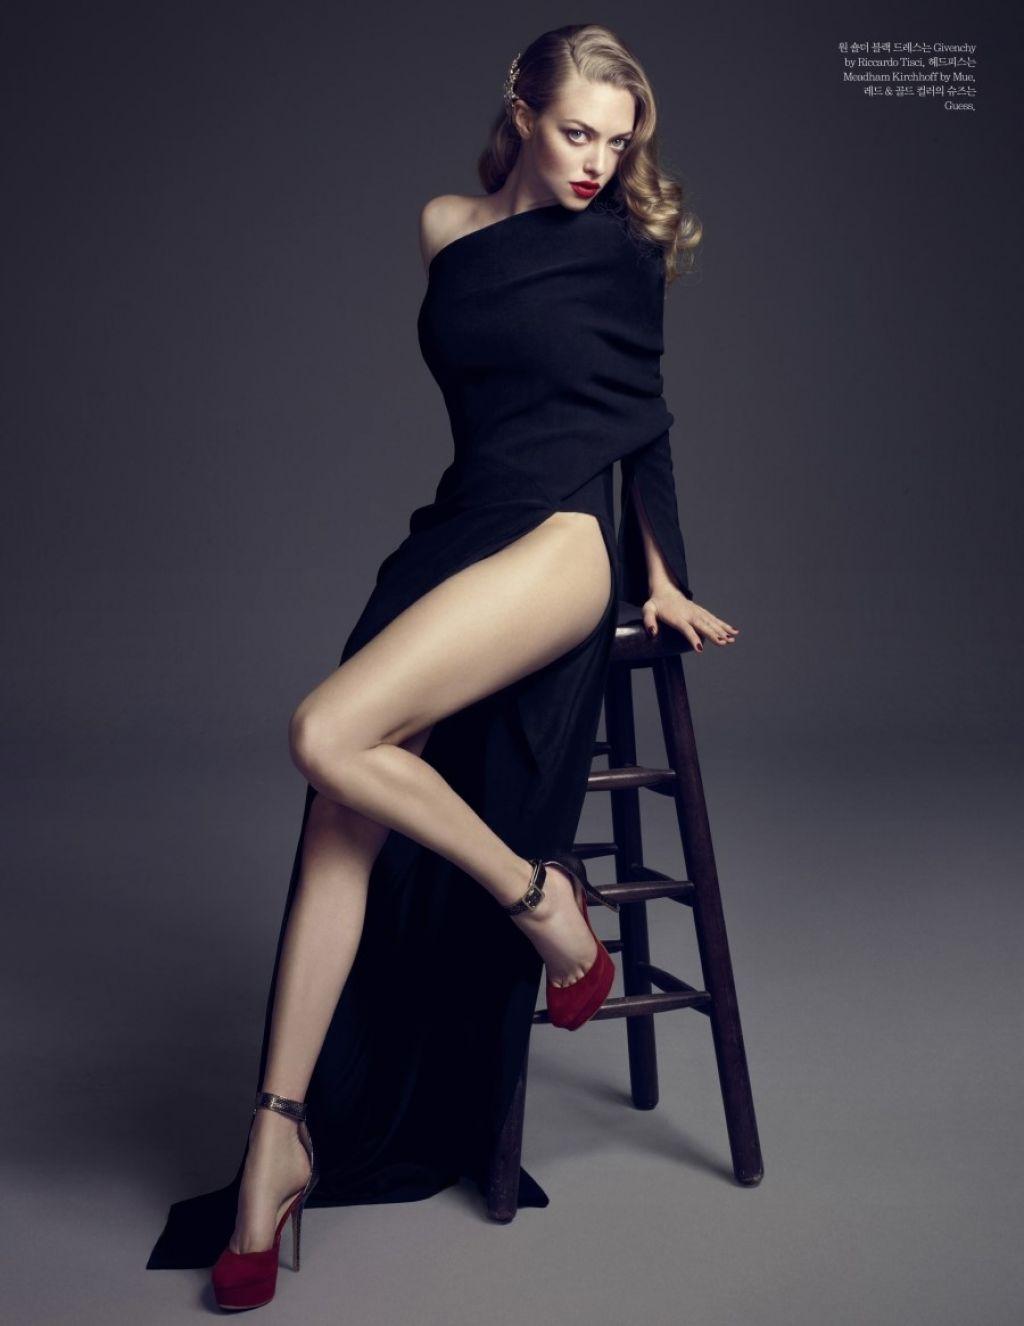 Amanda Seyfried ELLE Magazine Korea January 2014 Issue